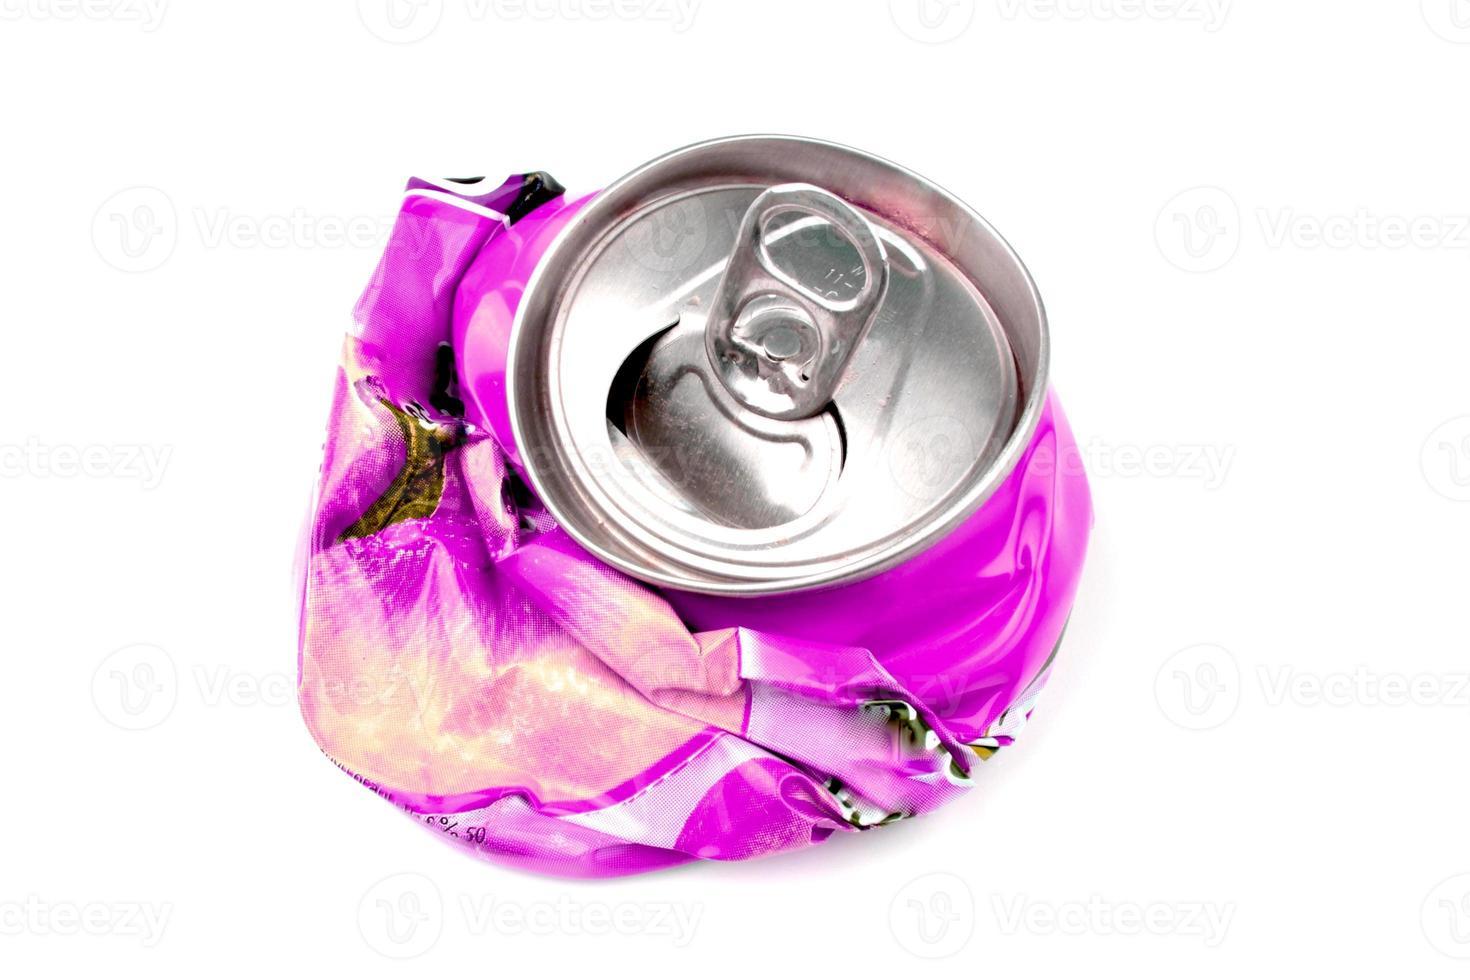 zerkleinerte Getränkedose foto